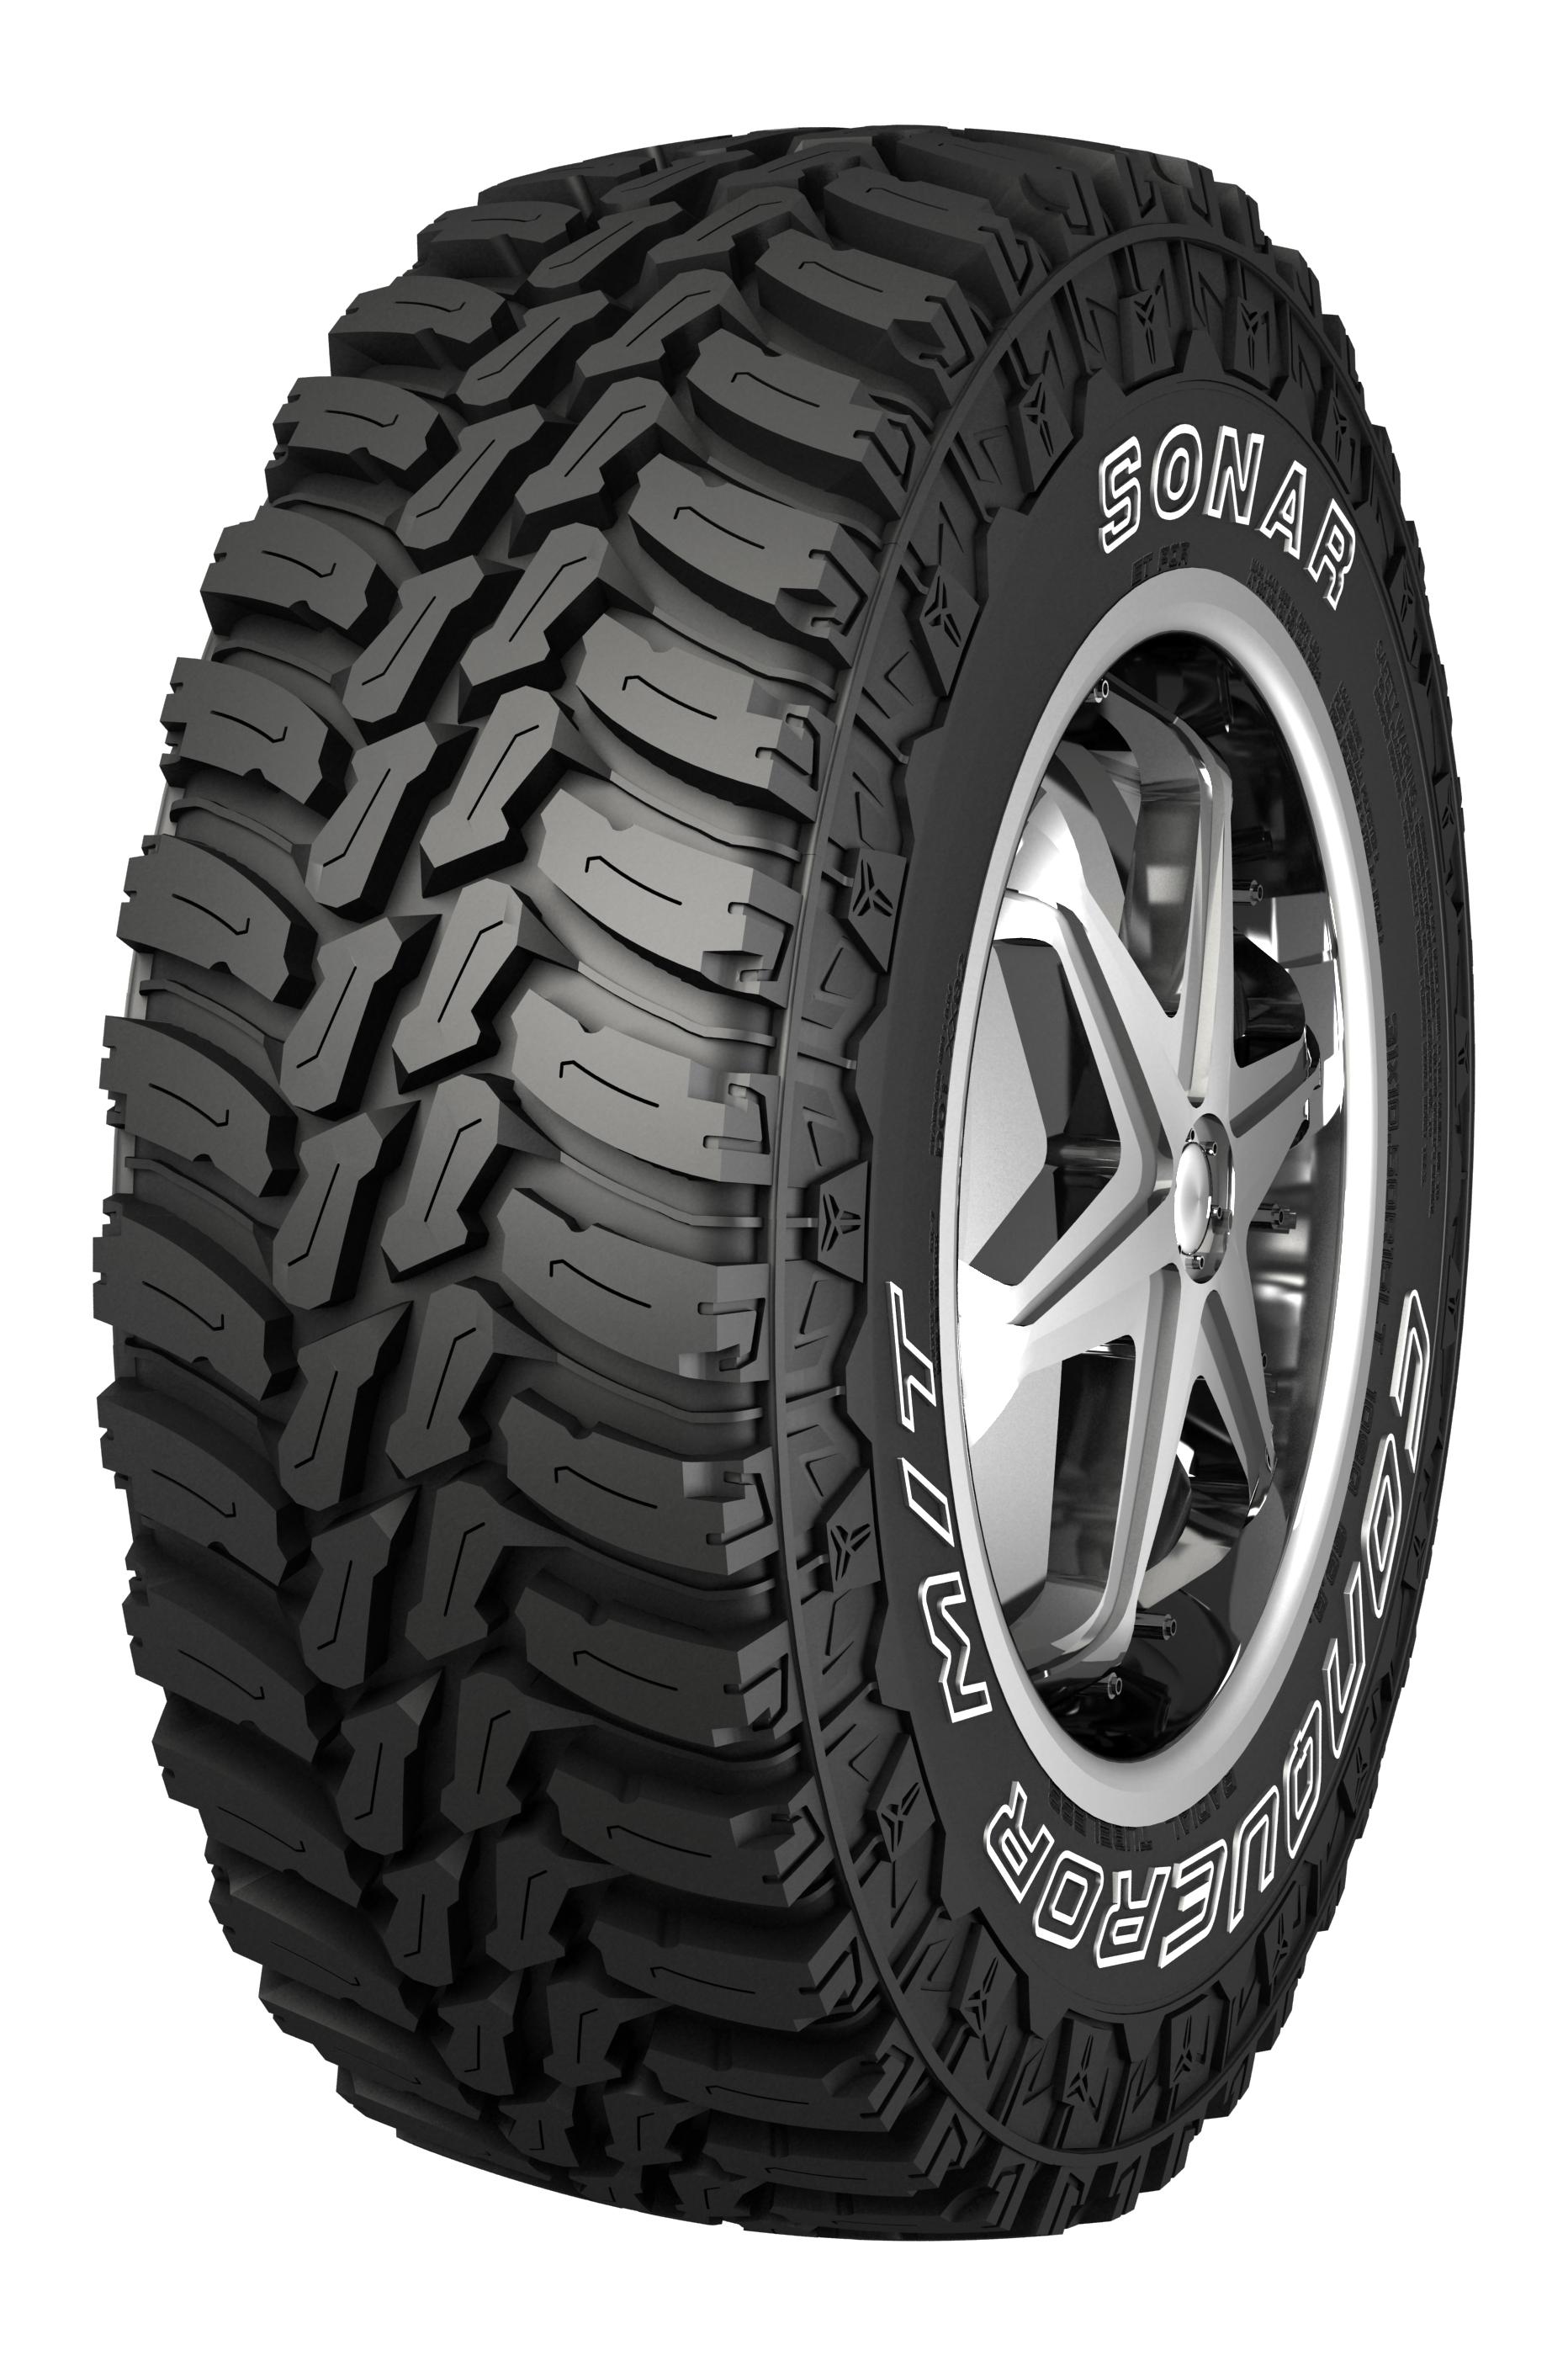 All-terrain SUV tire